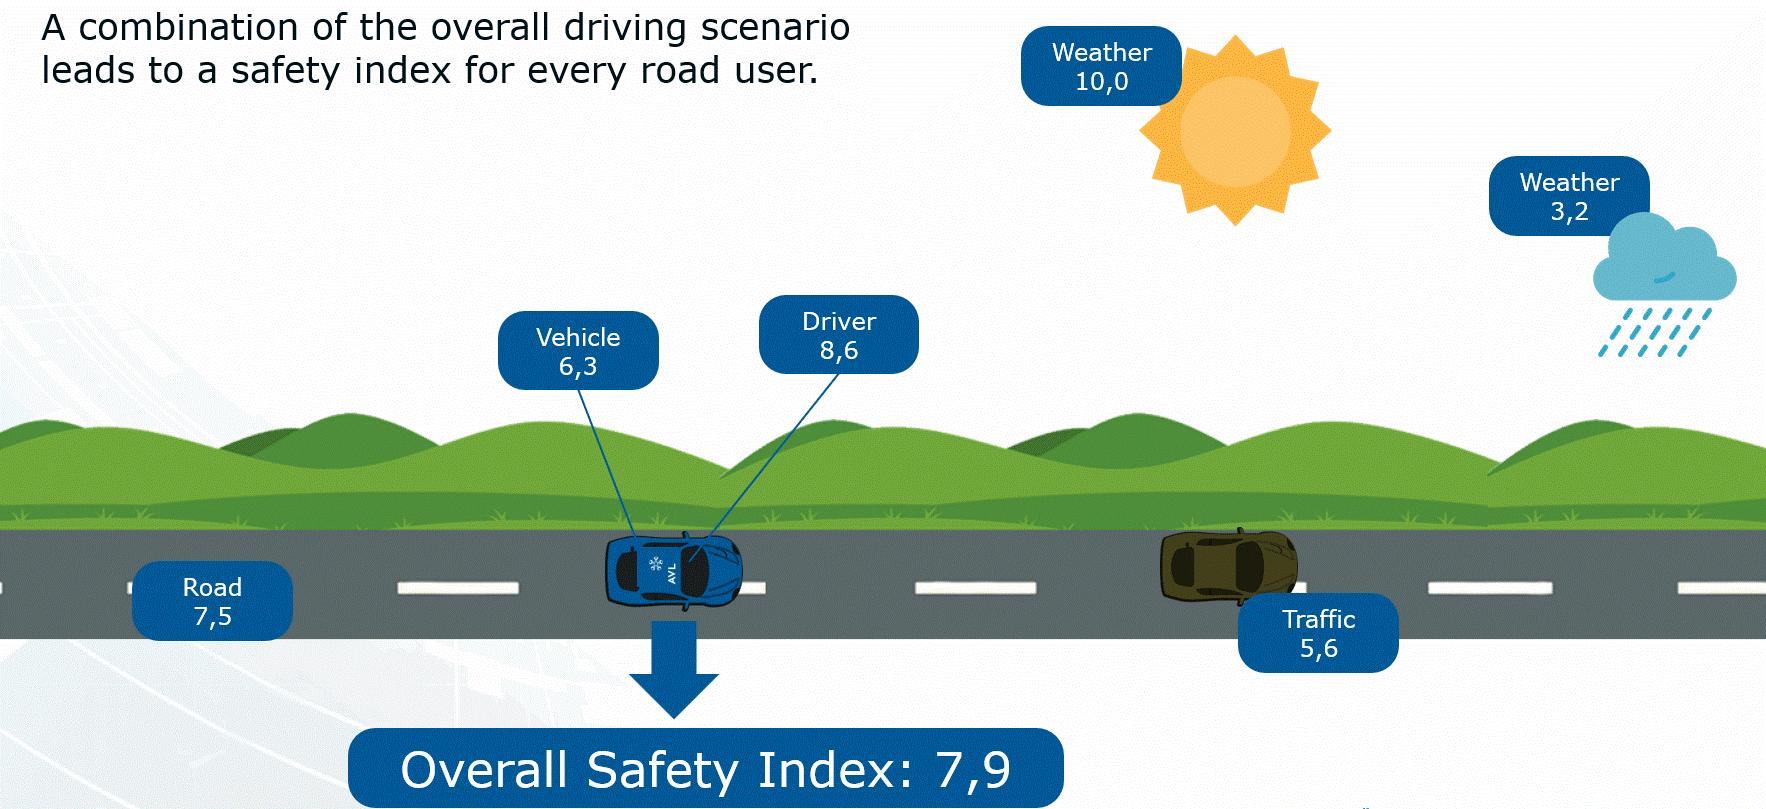 Darstellung von Daten, die die Verkehrssicherheit beeinflussen, wie Wetterdaten oder Infrastrukturdaten